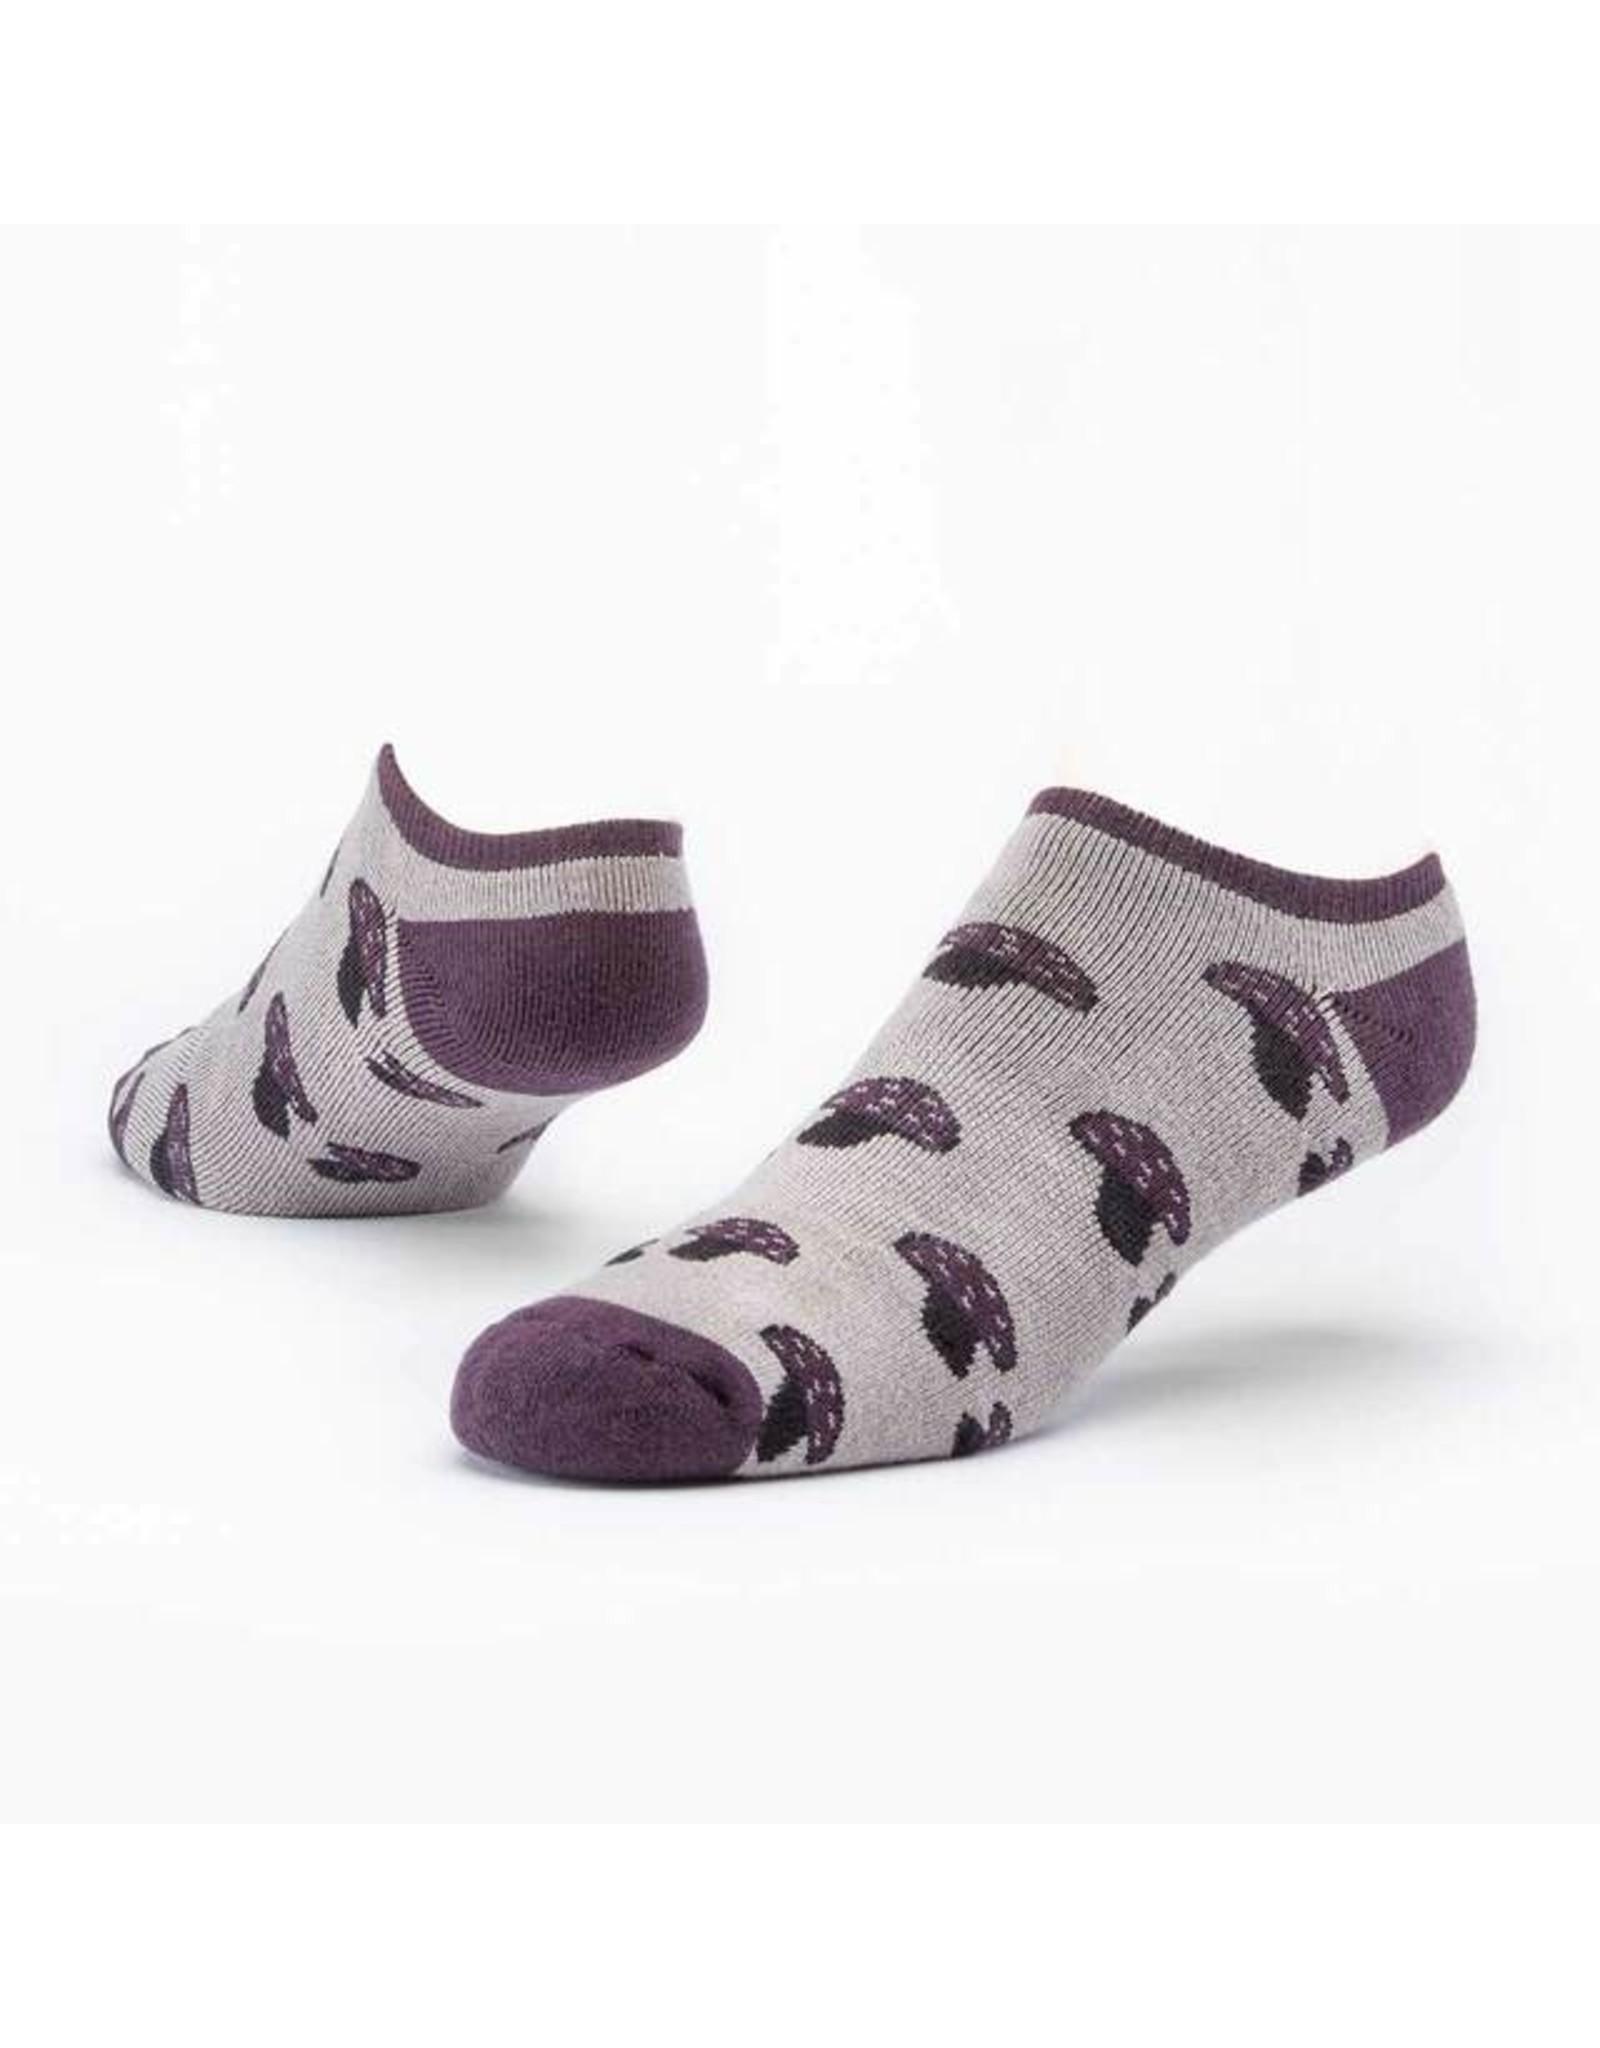 Cotton Footie Socks, Mushroom.